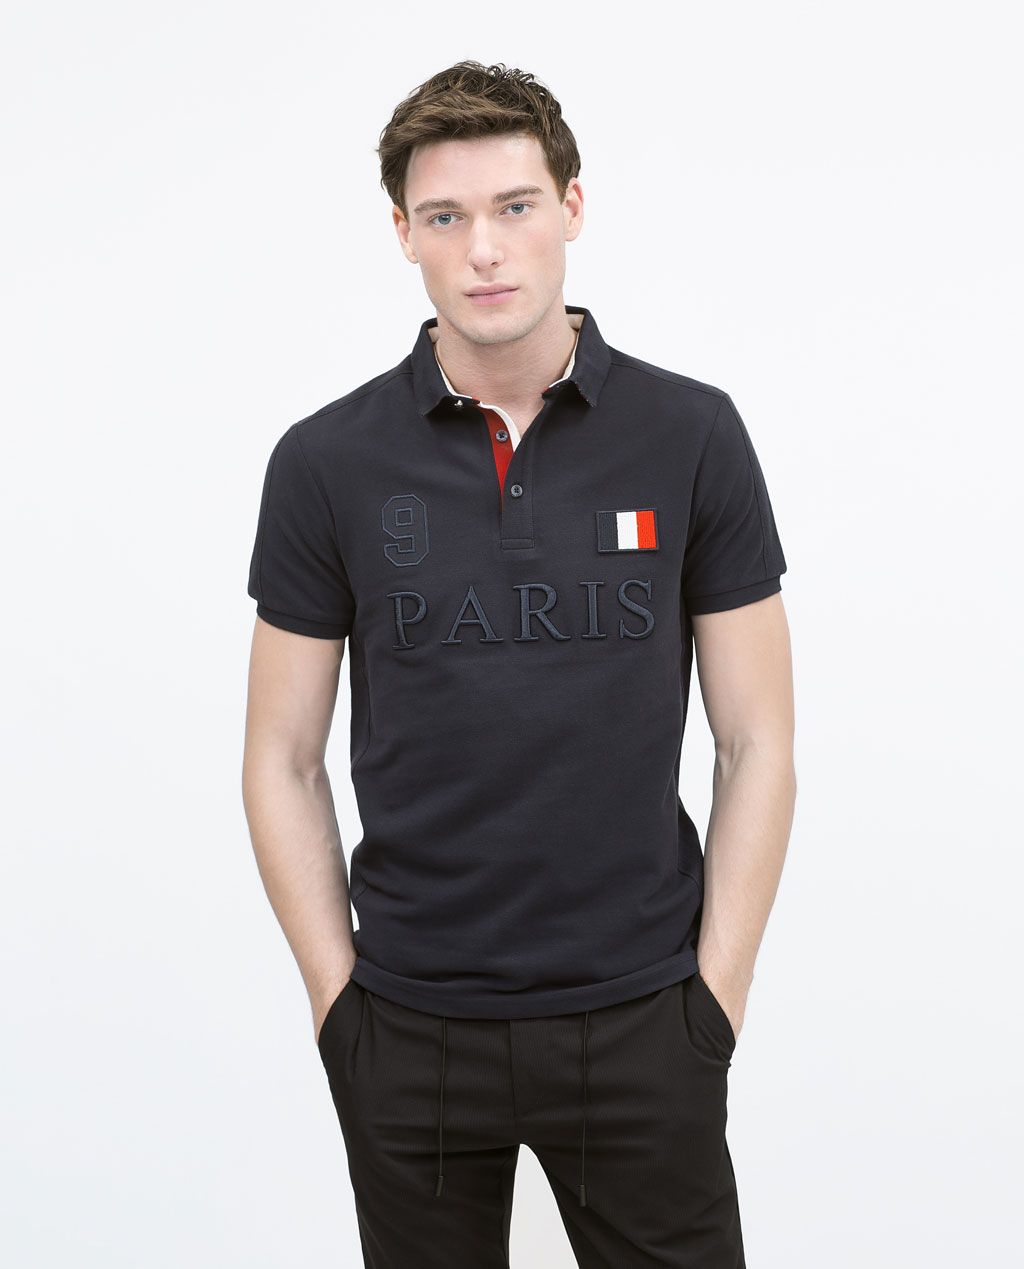 d8bf1ce23c9 Piqué polo shirt-Polos-MAN